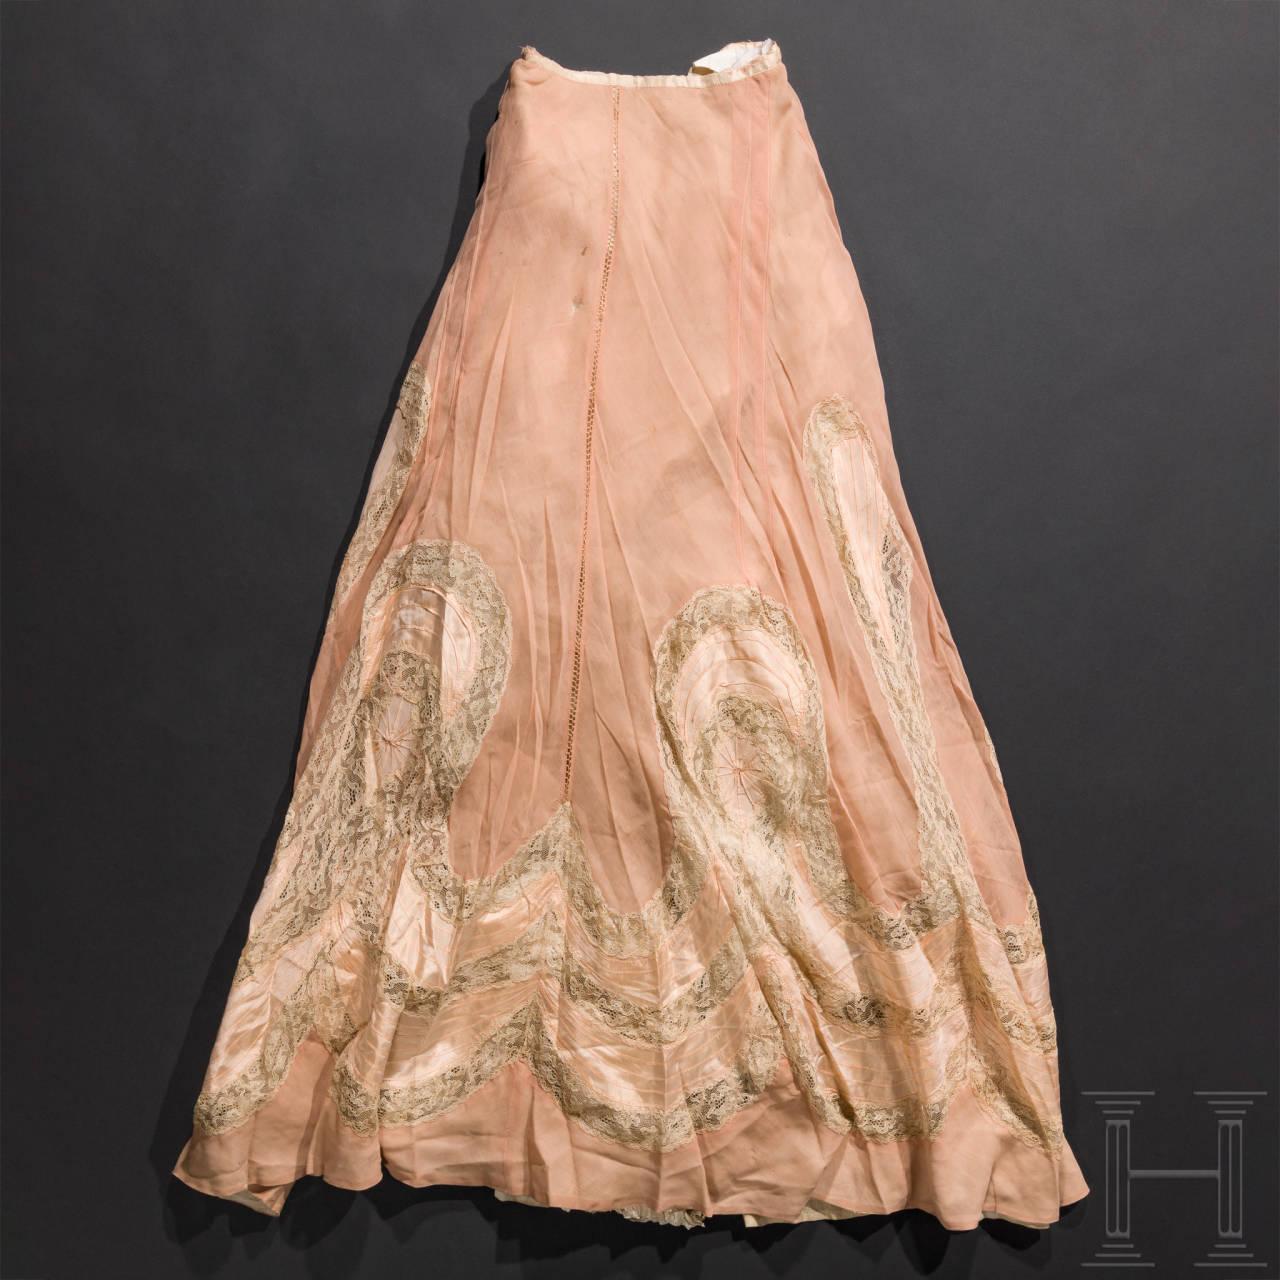 Kaiserin Elisabeth von Österreich - zweiteiliges, lachsfarbenes Sommerkleid aus Korfu